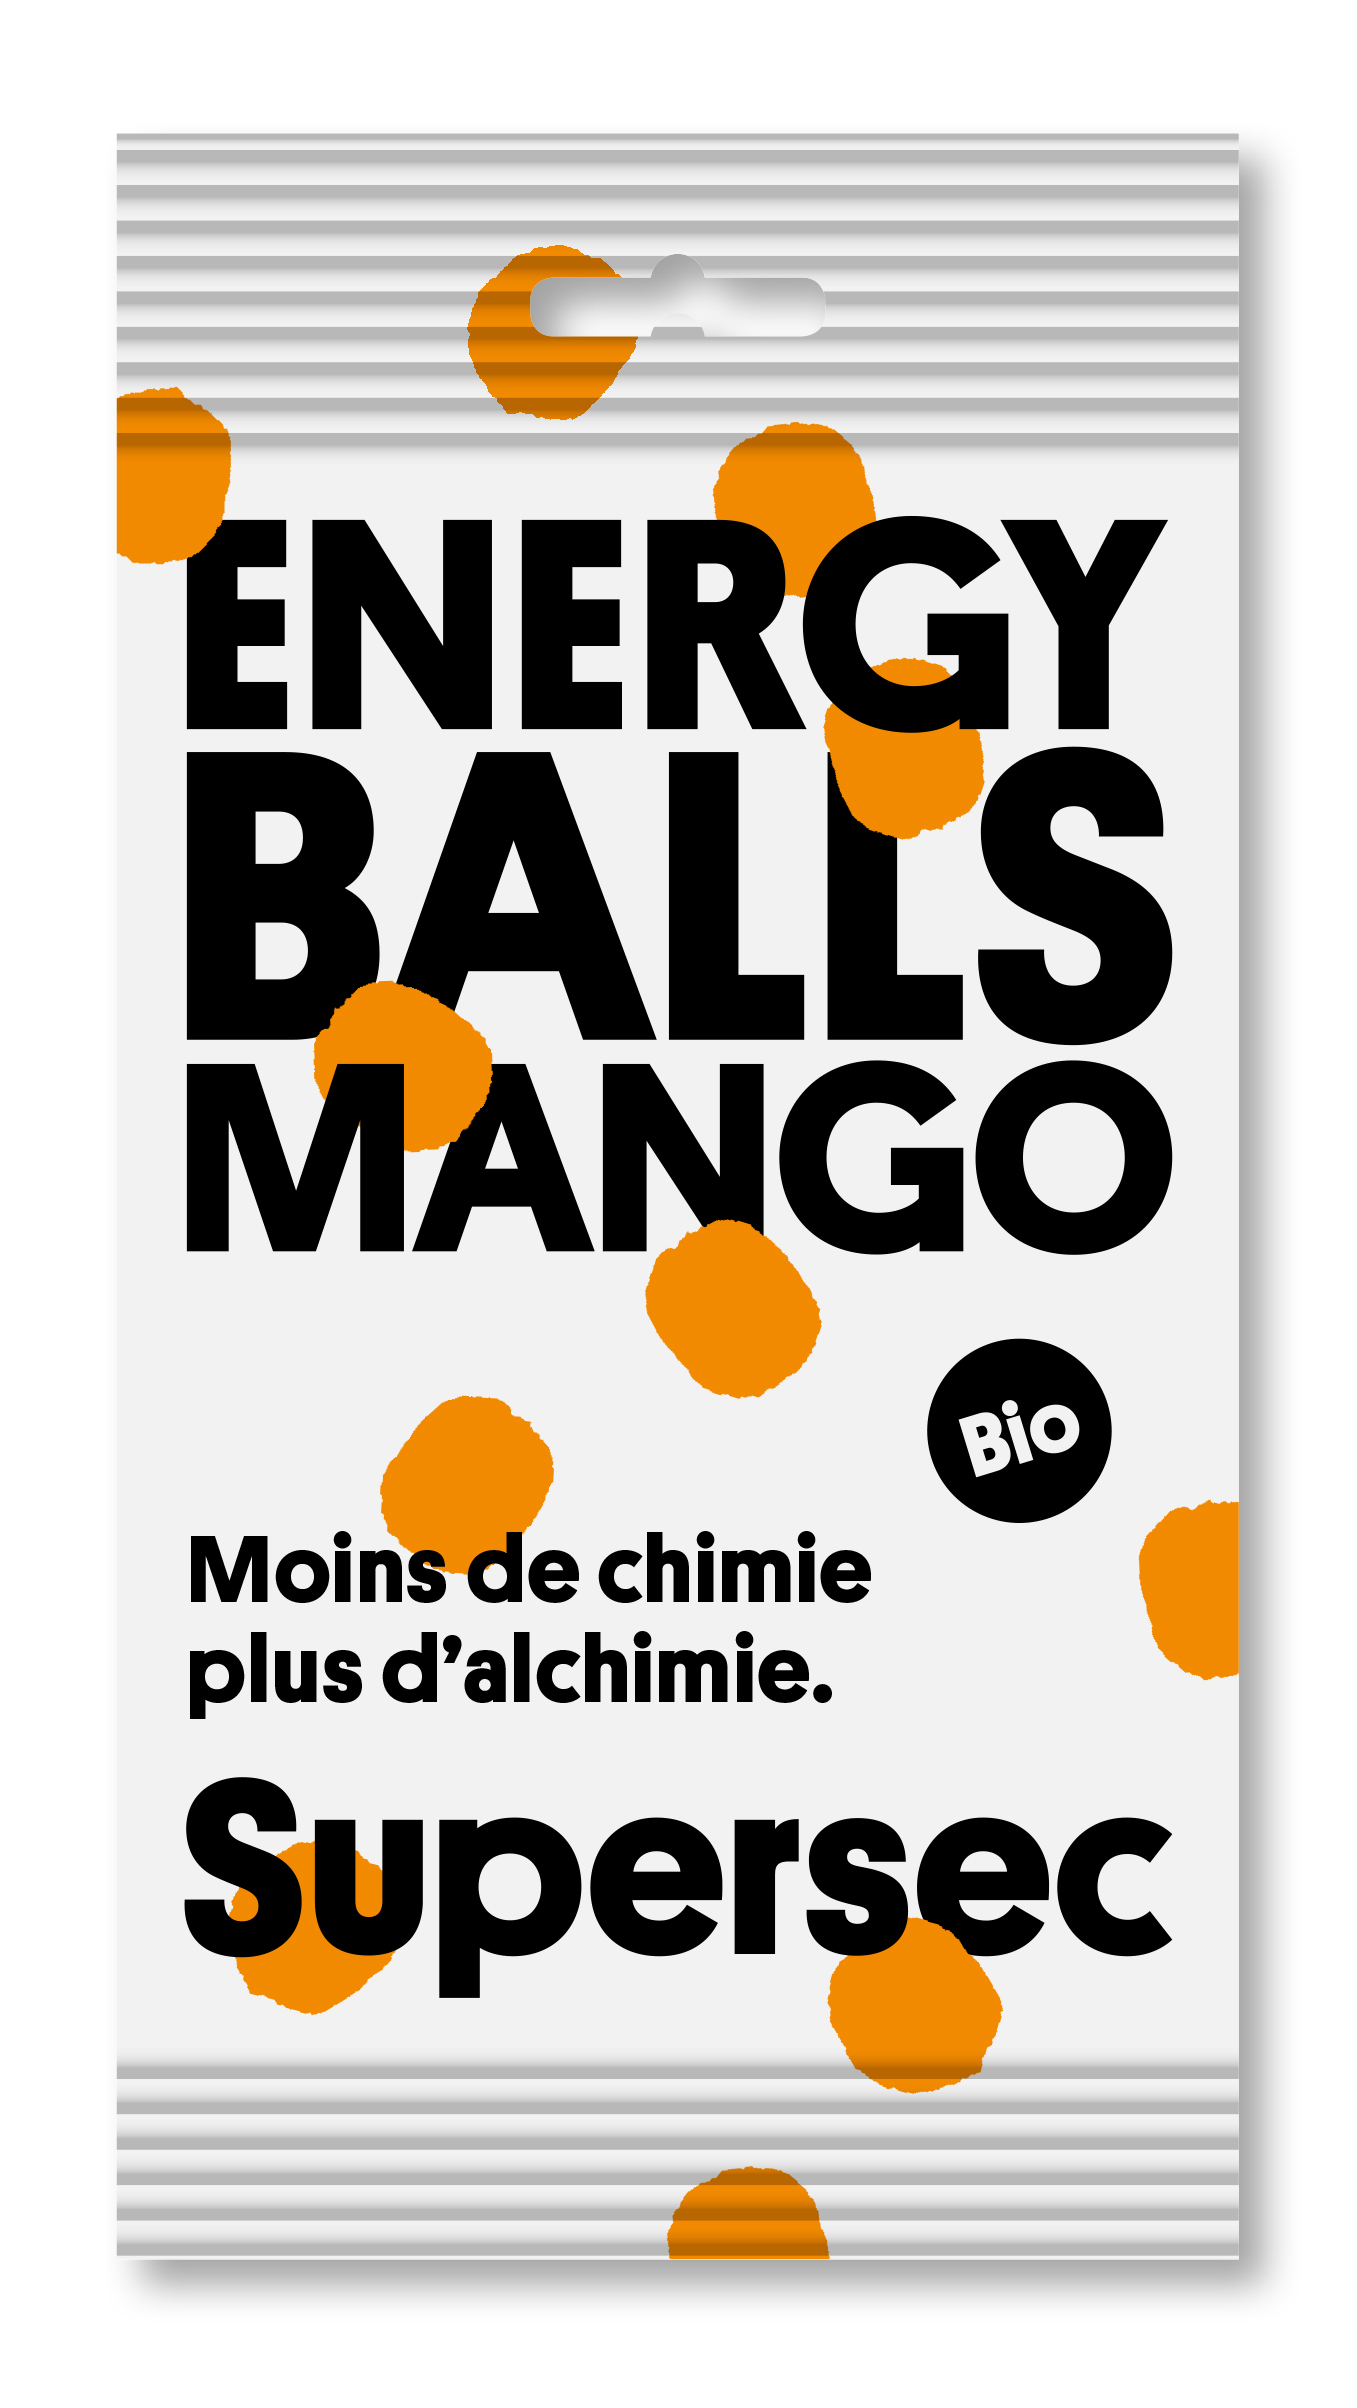 Poche des Energy Balls 100% mango bio de Supersec